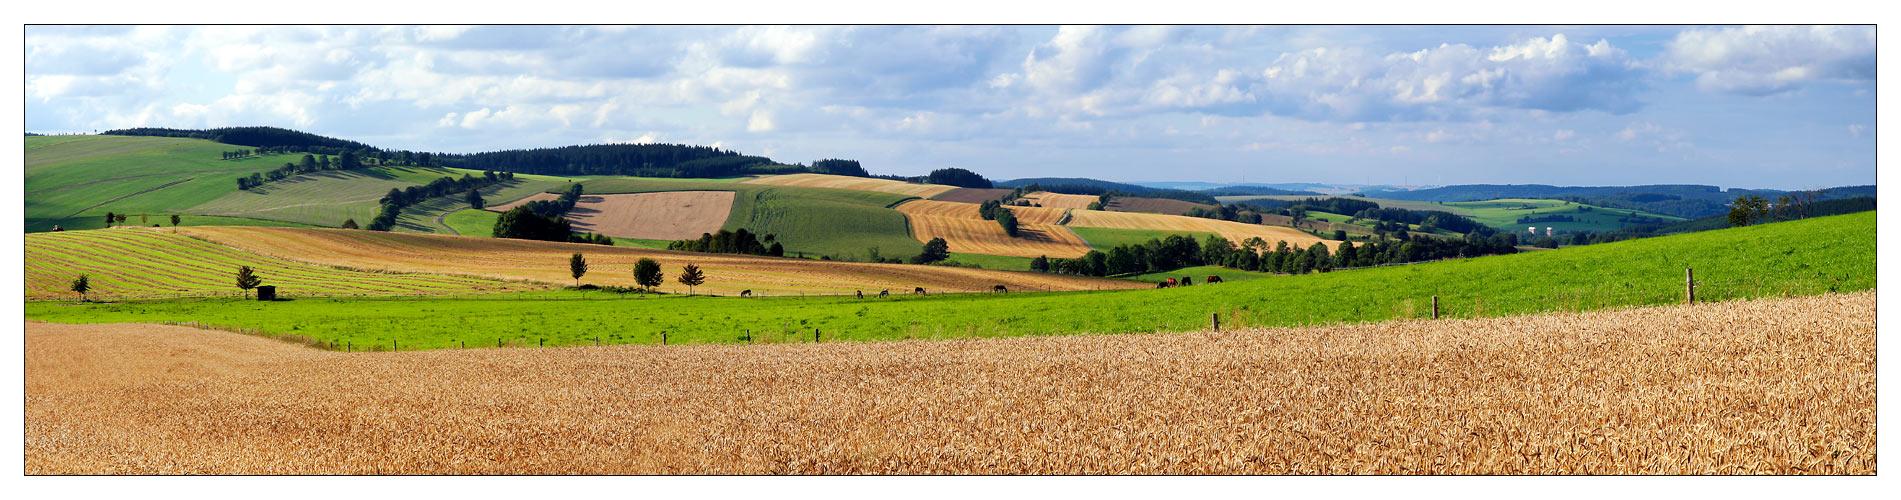 Felder, Wiesen und Wälder ... #3